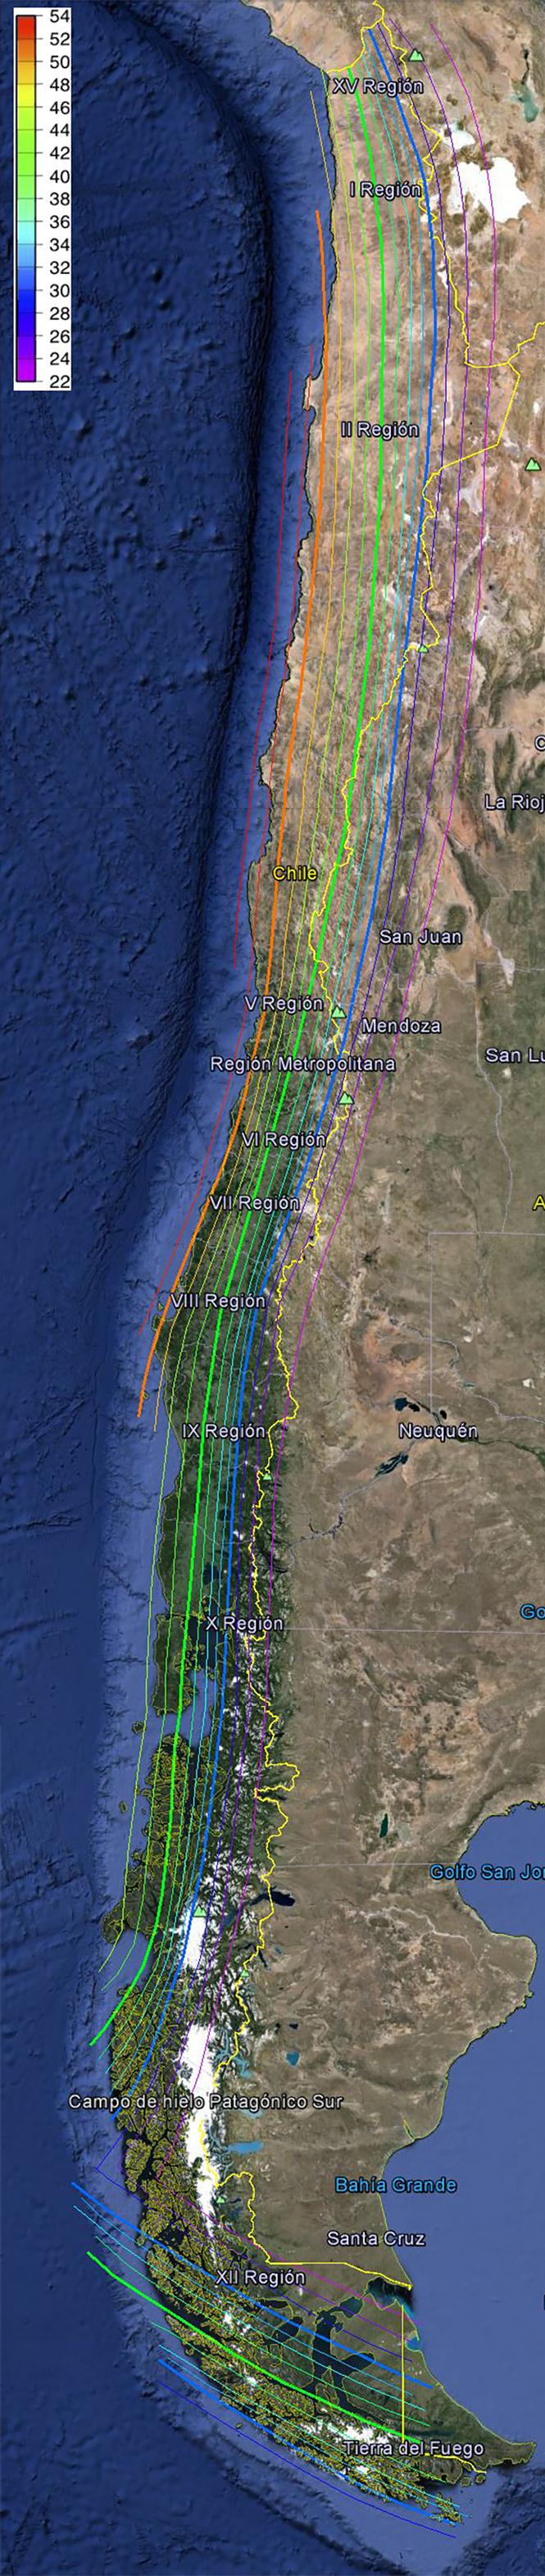 Mapa Peligro Sismico